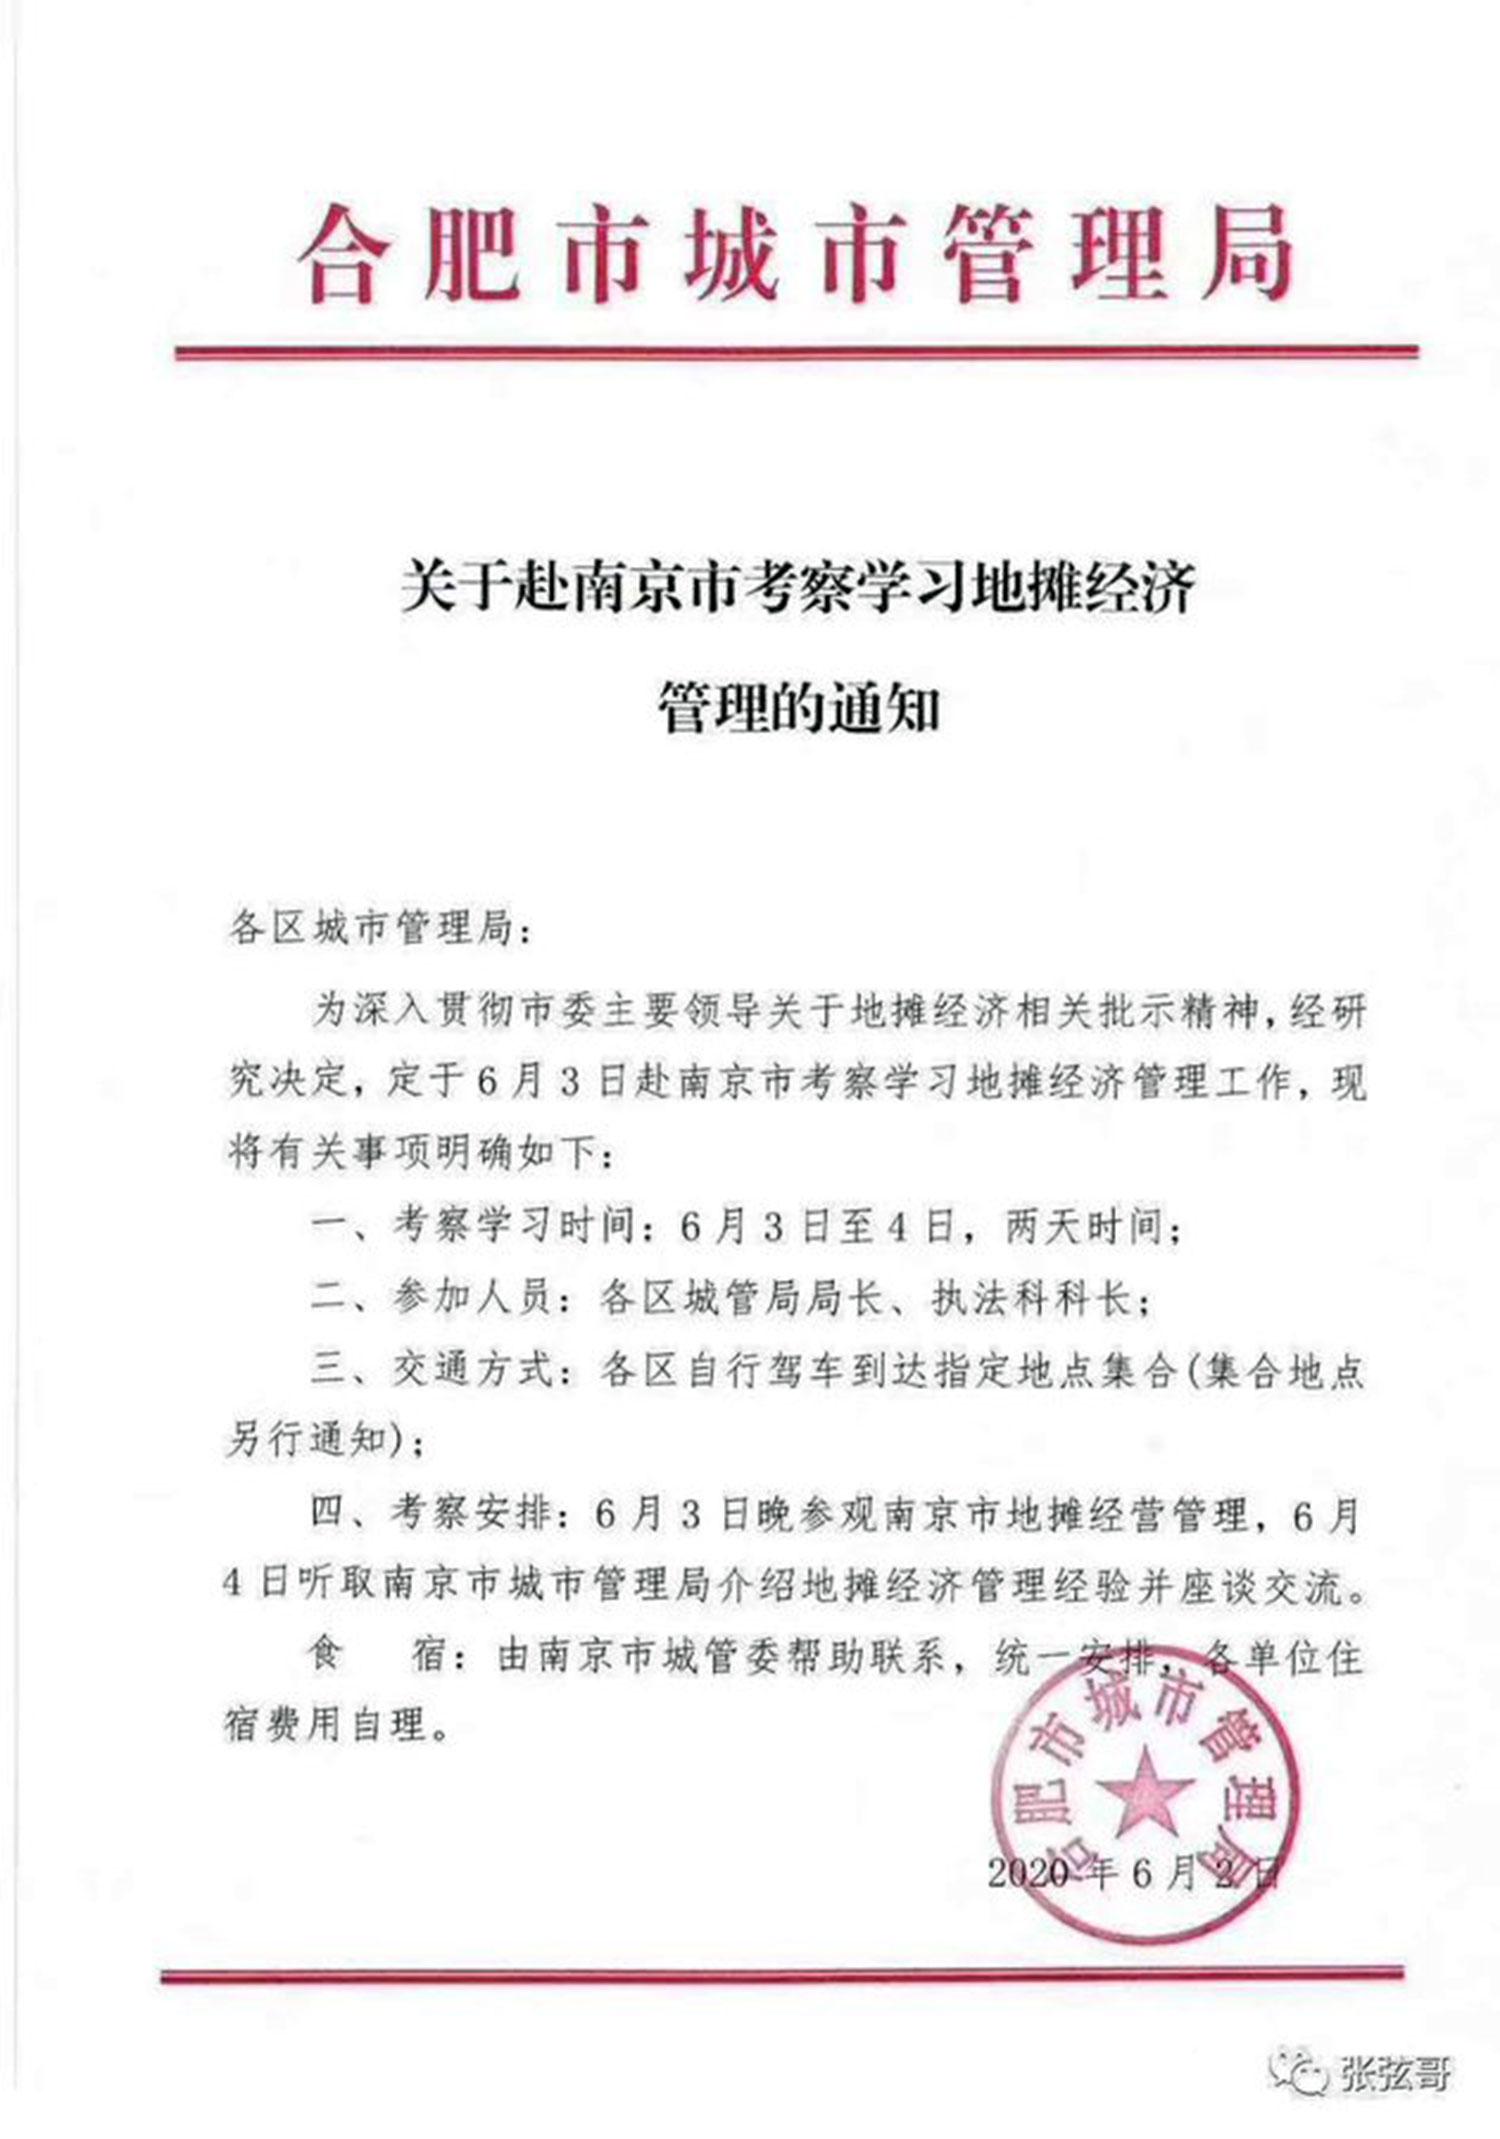 合肥市城管赴南京学习地摊经济通知。(网络图片/乔龙提供)